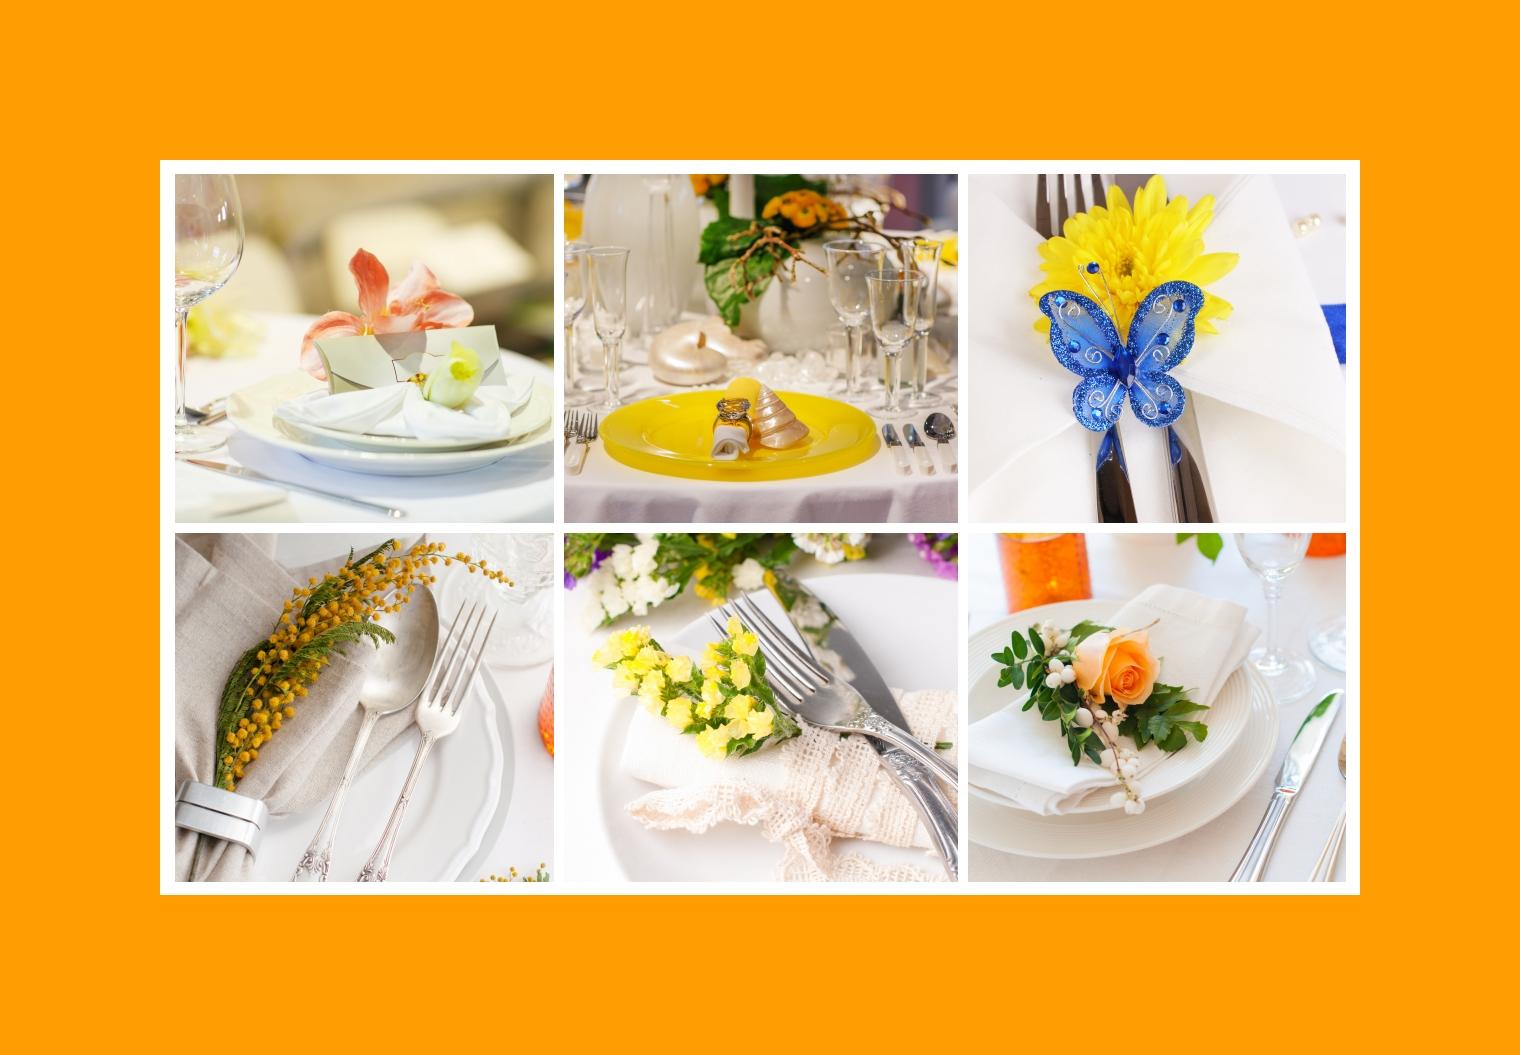 feierlicher Tisch-Set Deko in Gelb mit Servietten